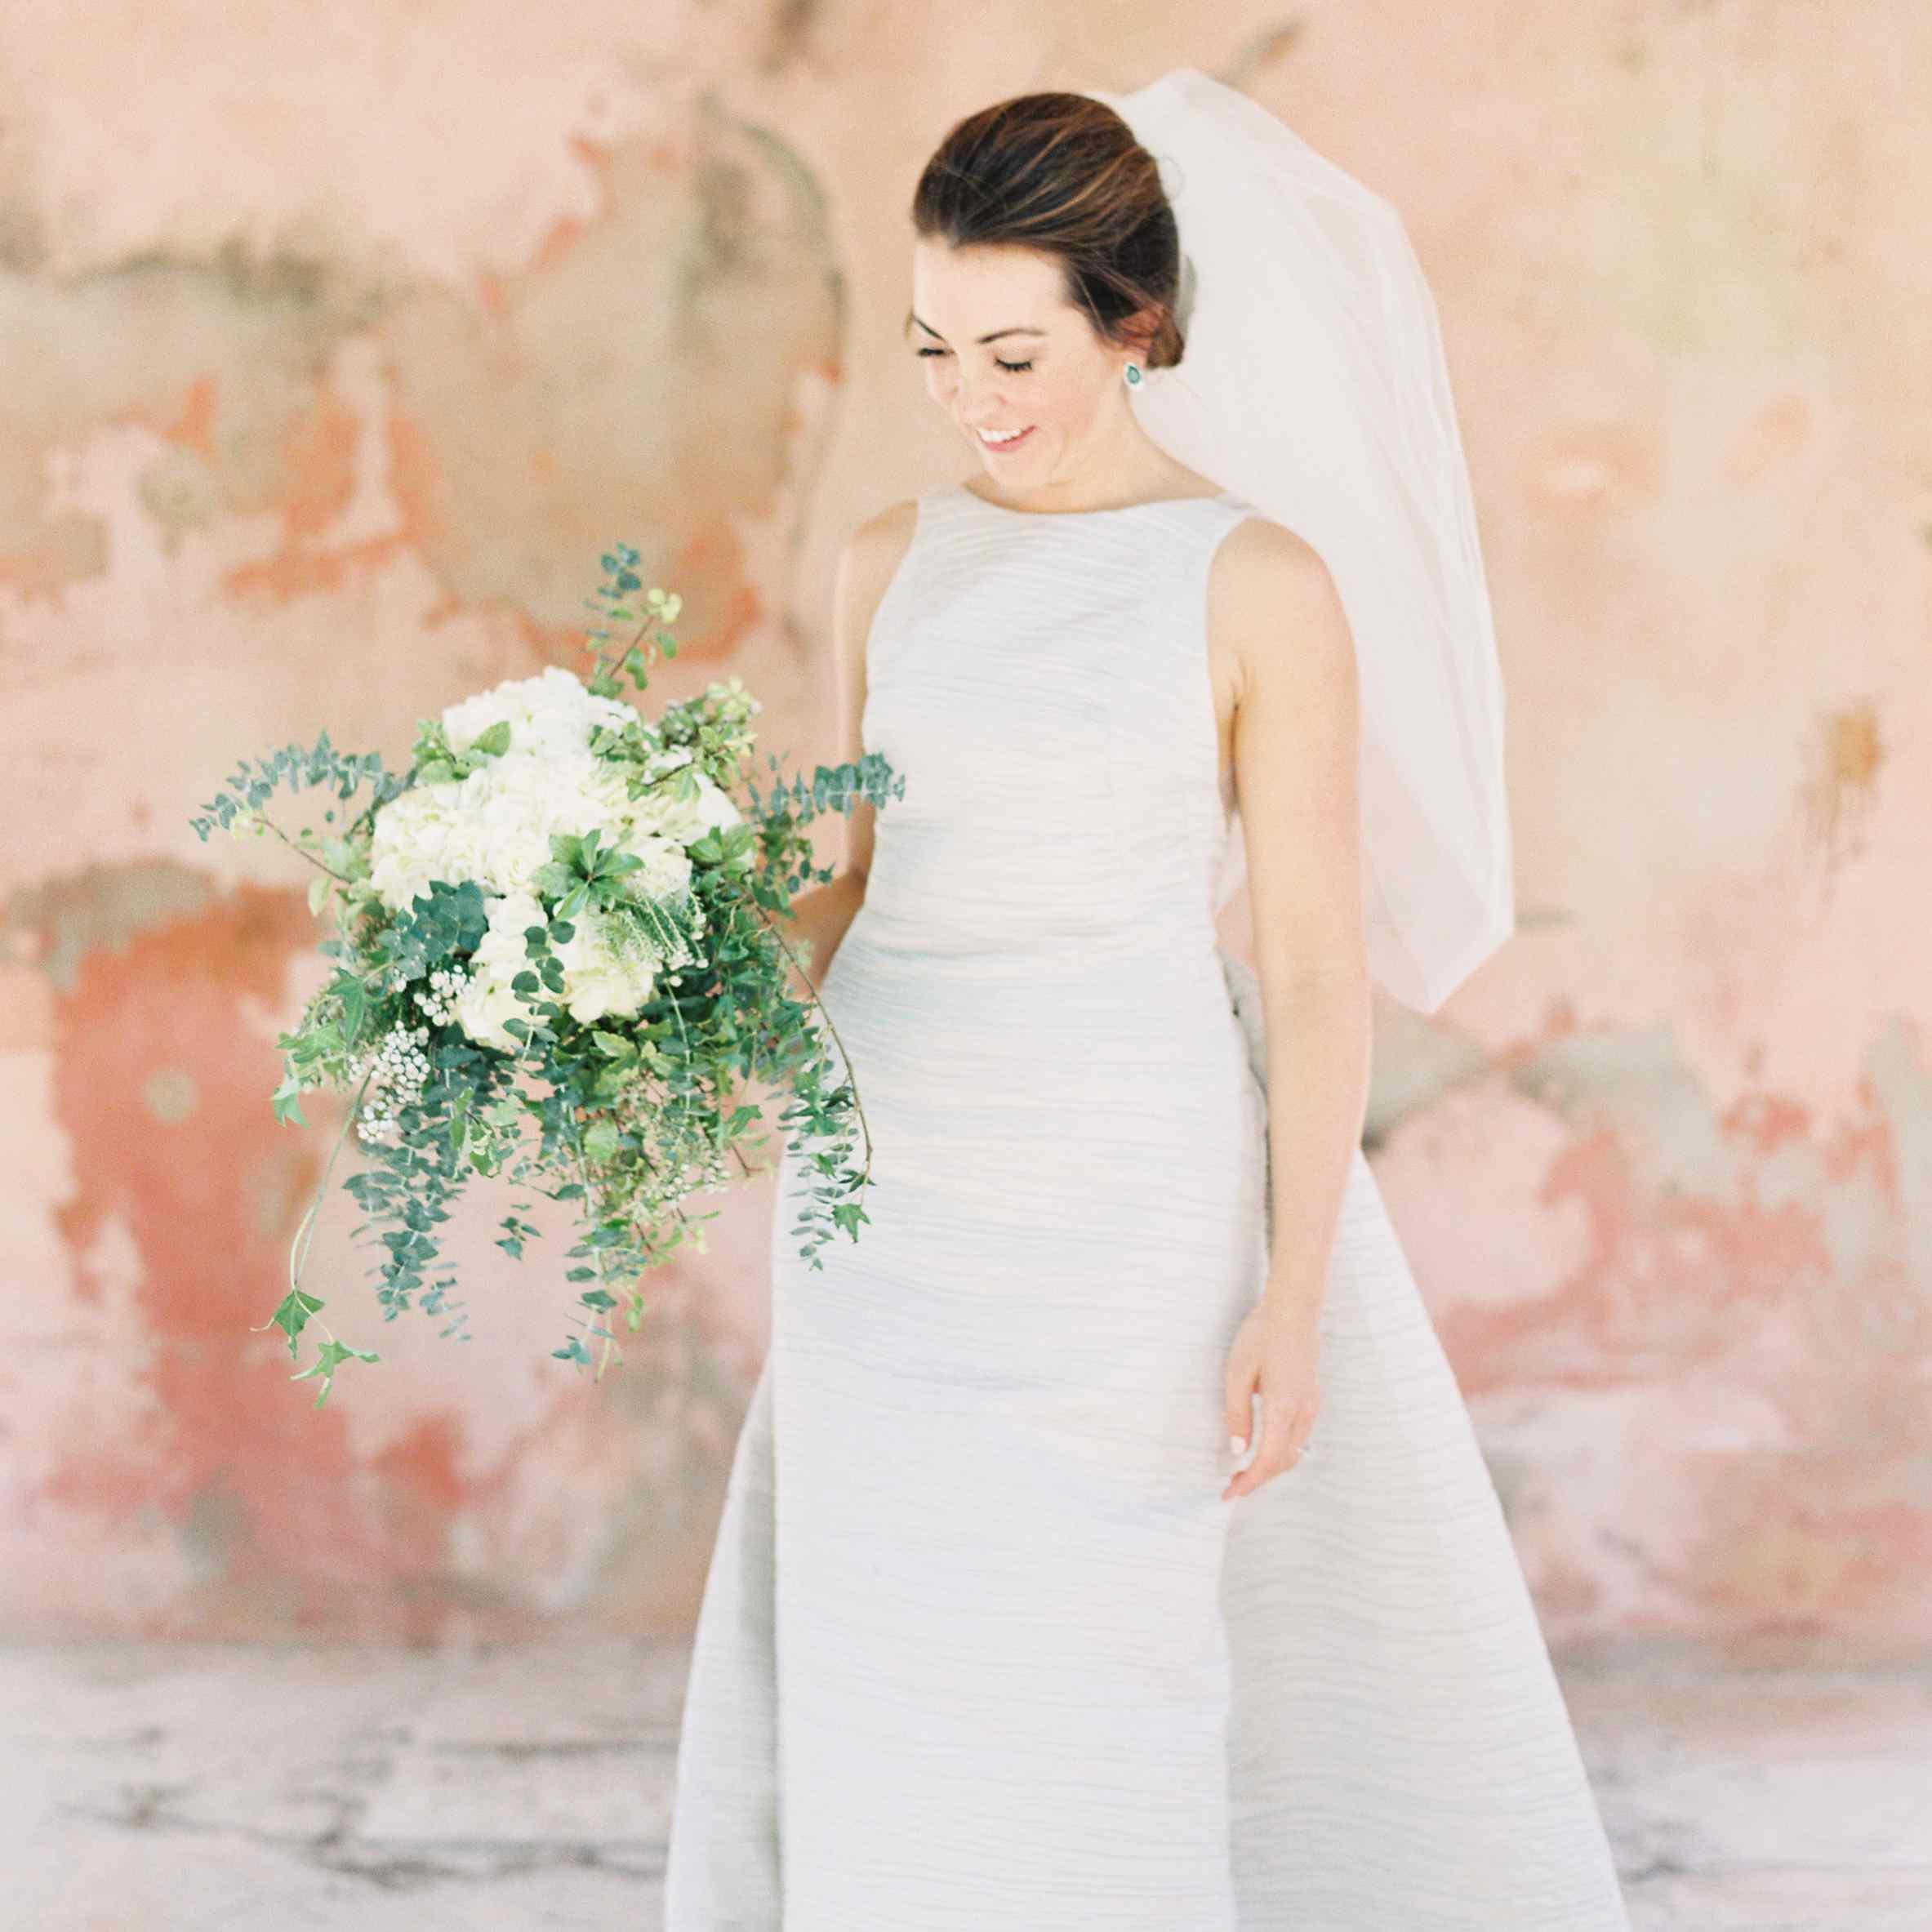 <p>bride in wedding dress</p><br><br>